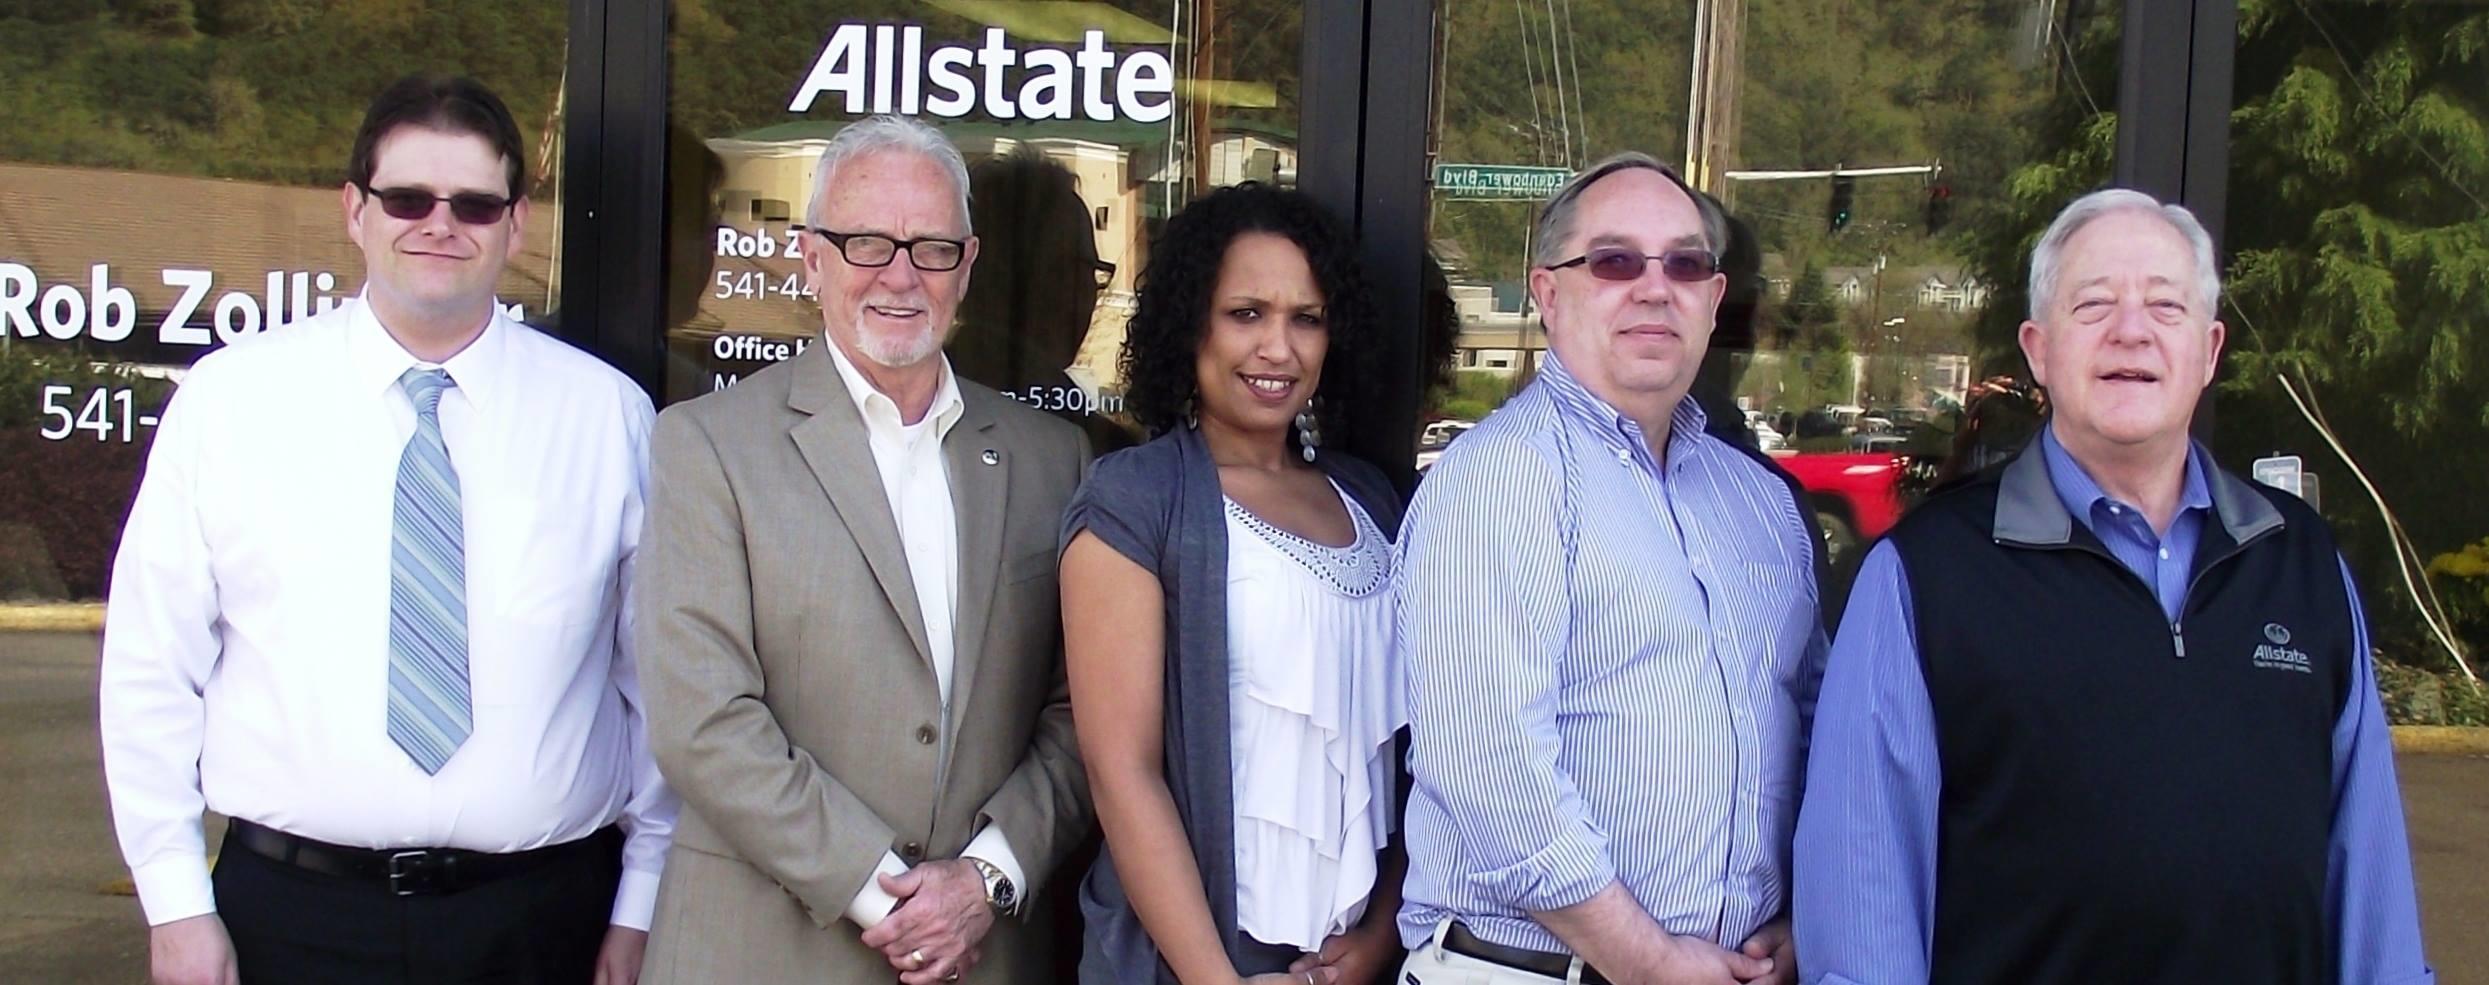 Rob Zollinger: Allstate Insurance image 5